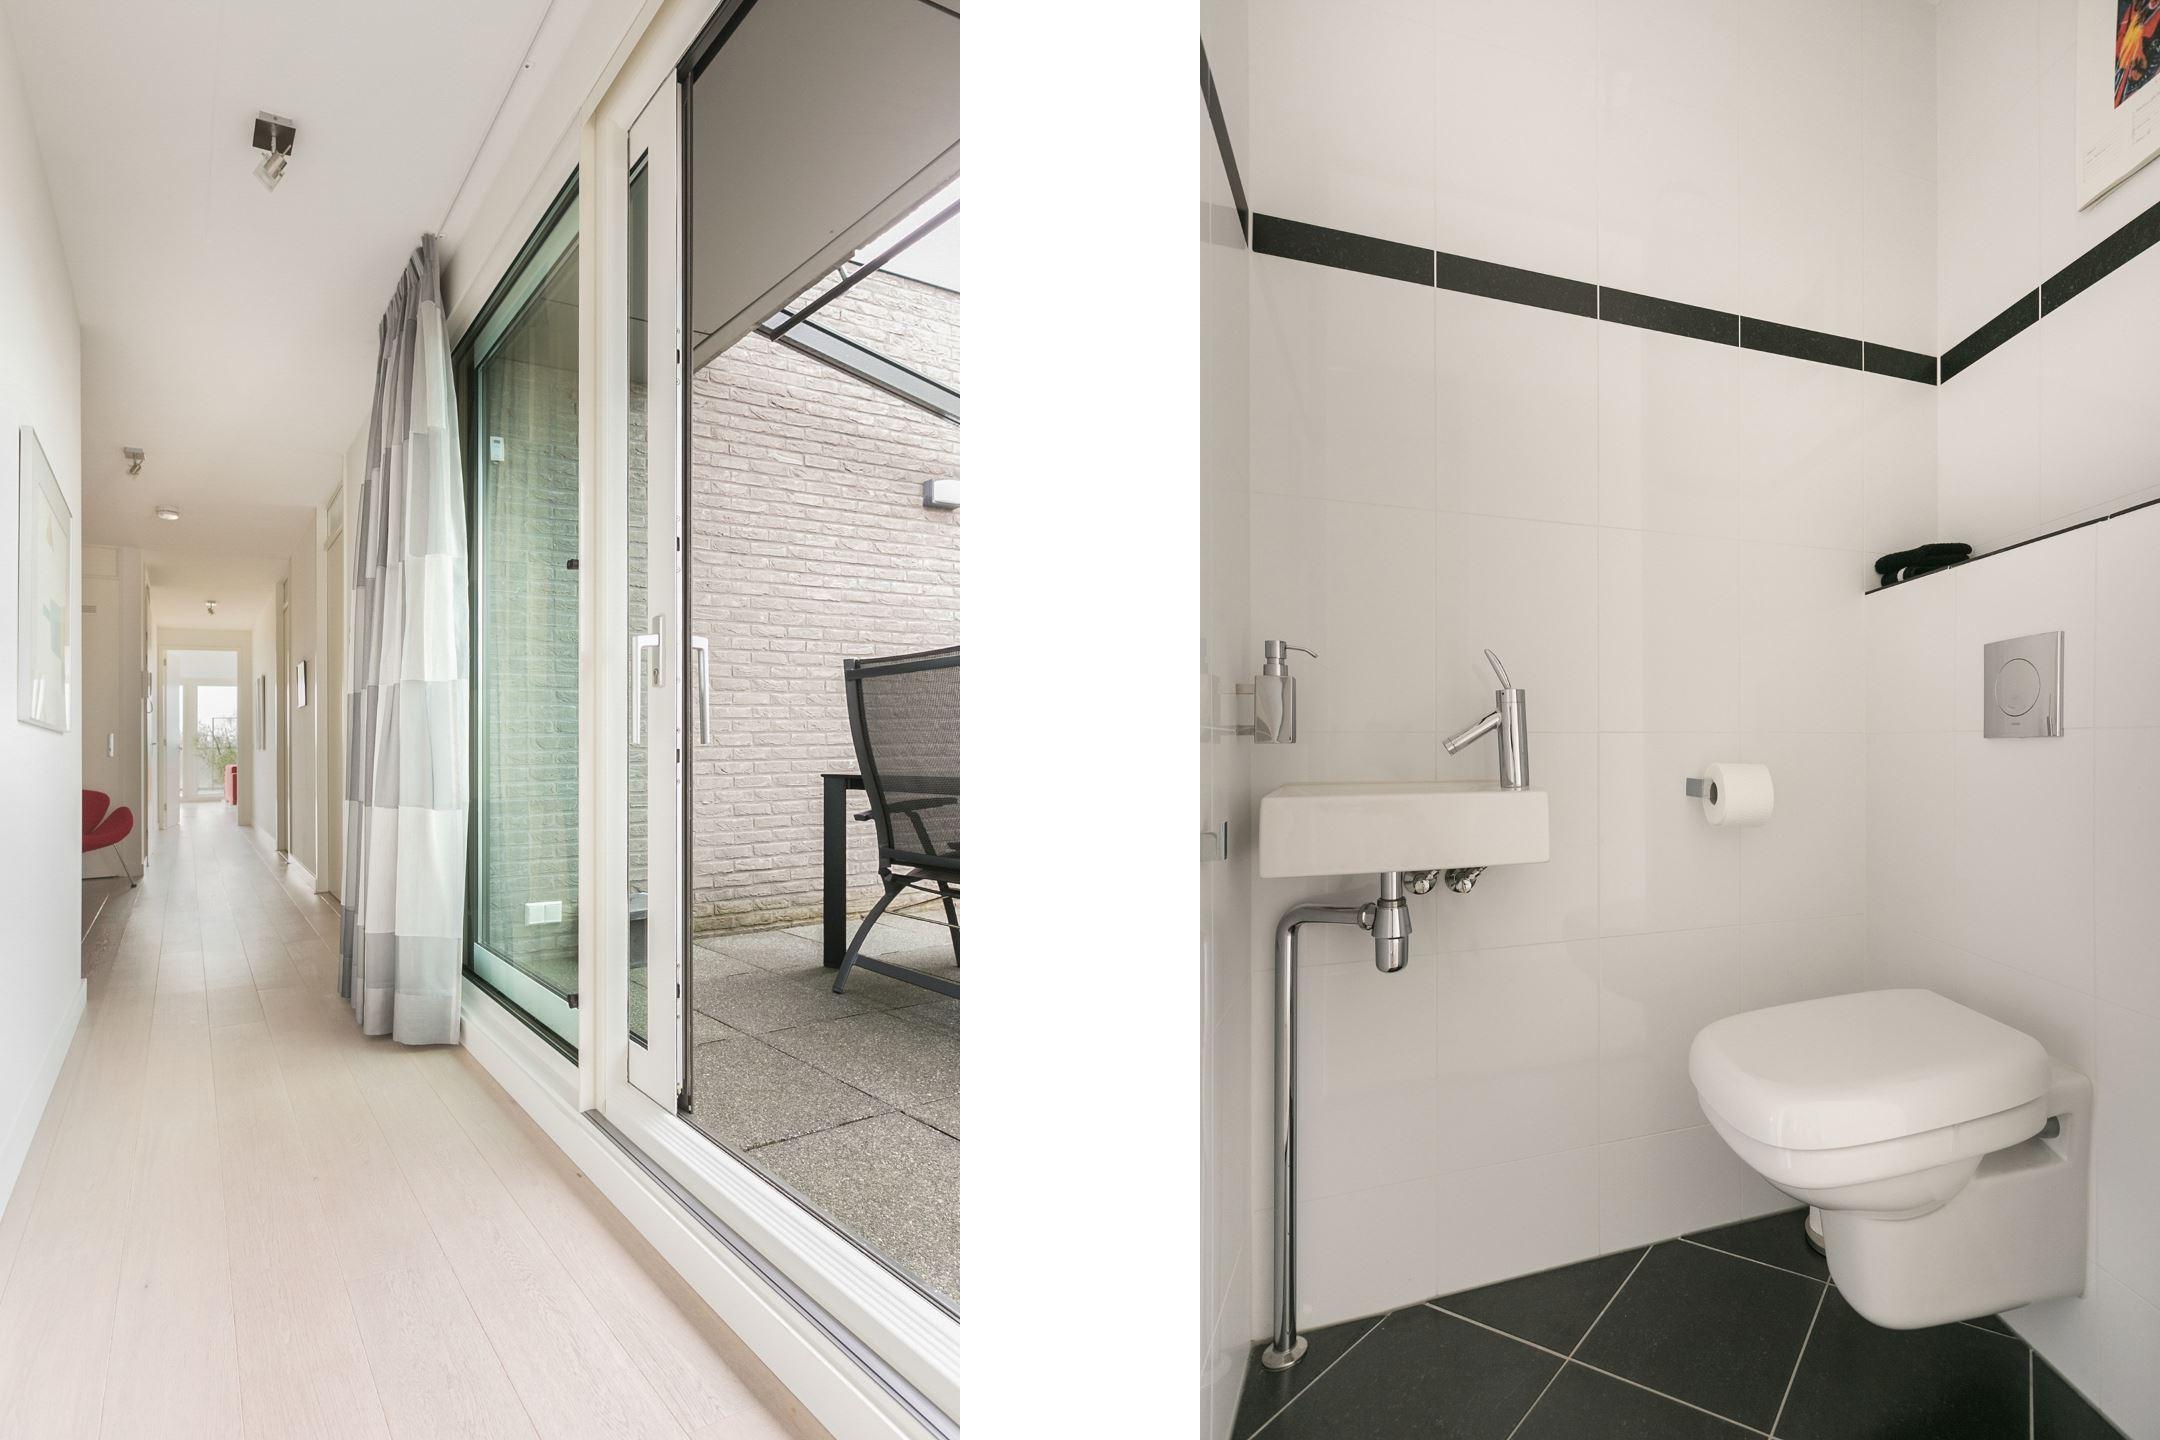 Badkamer Onderkast Lidl : Badkamer onderkast blokker tegels badkamer kleine badkamer